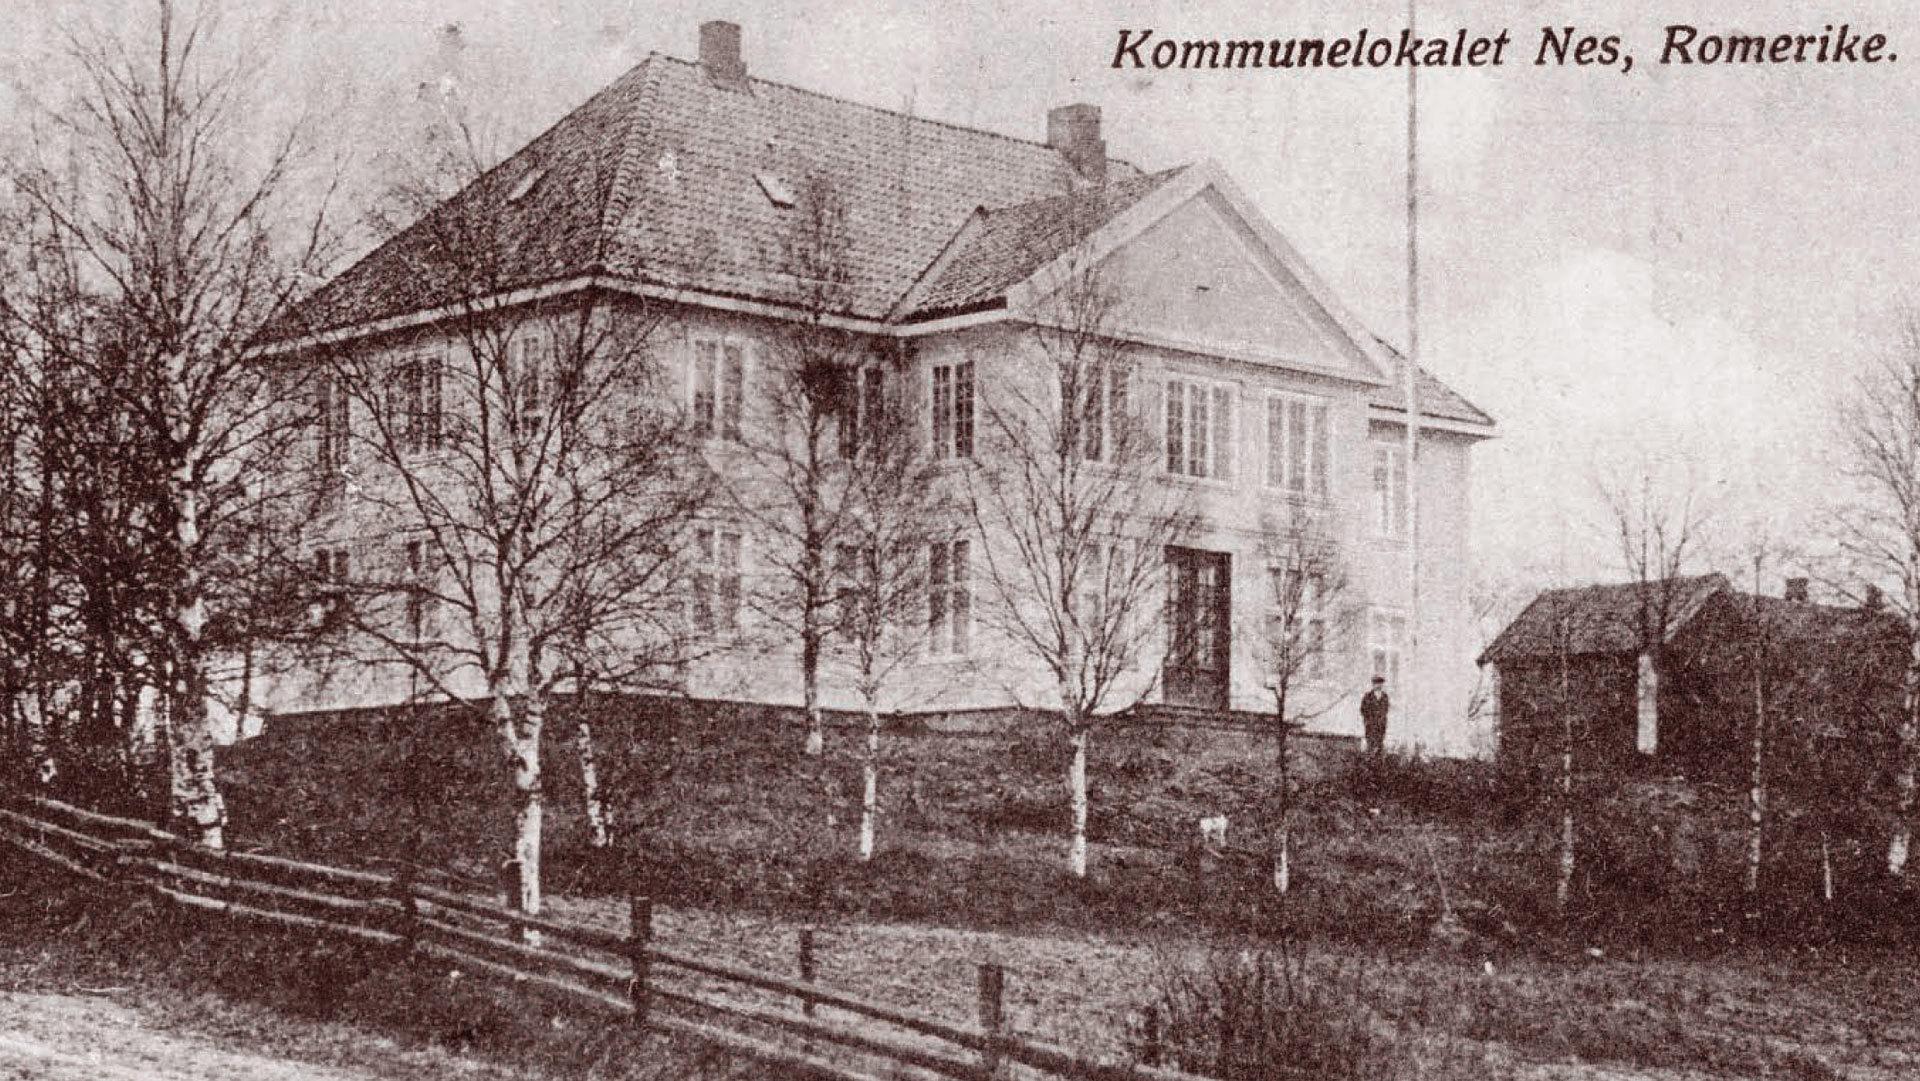 Lillerommen_kommunelokalet.jpg